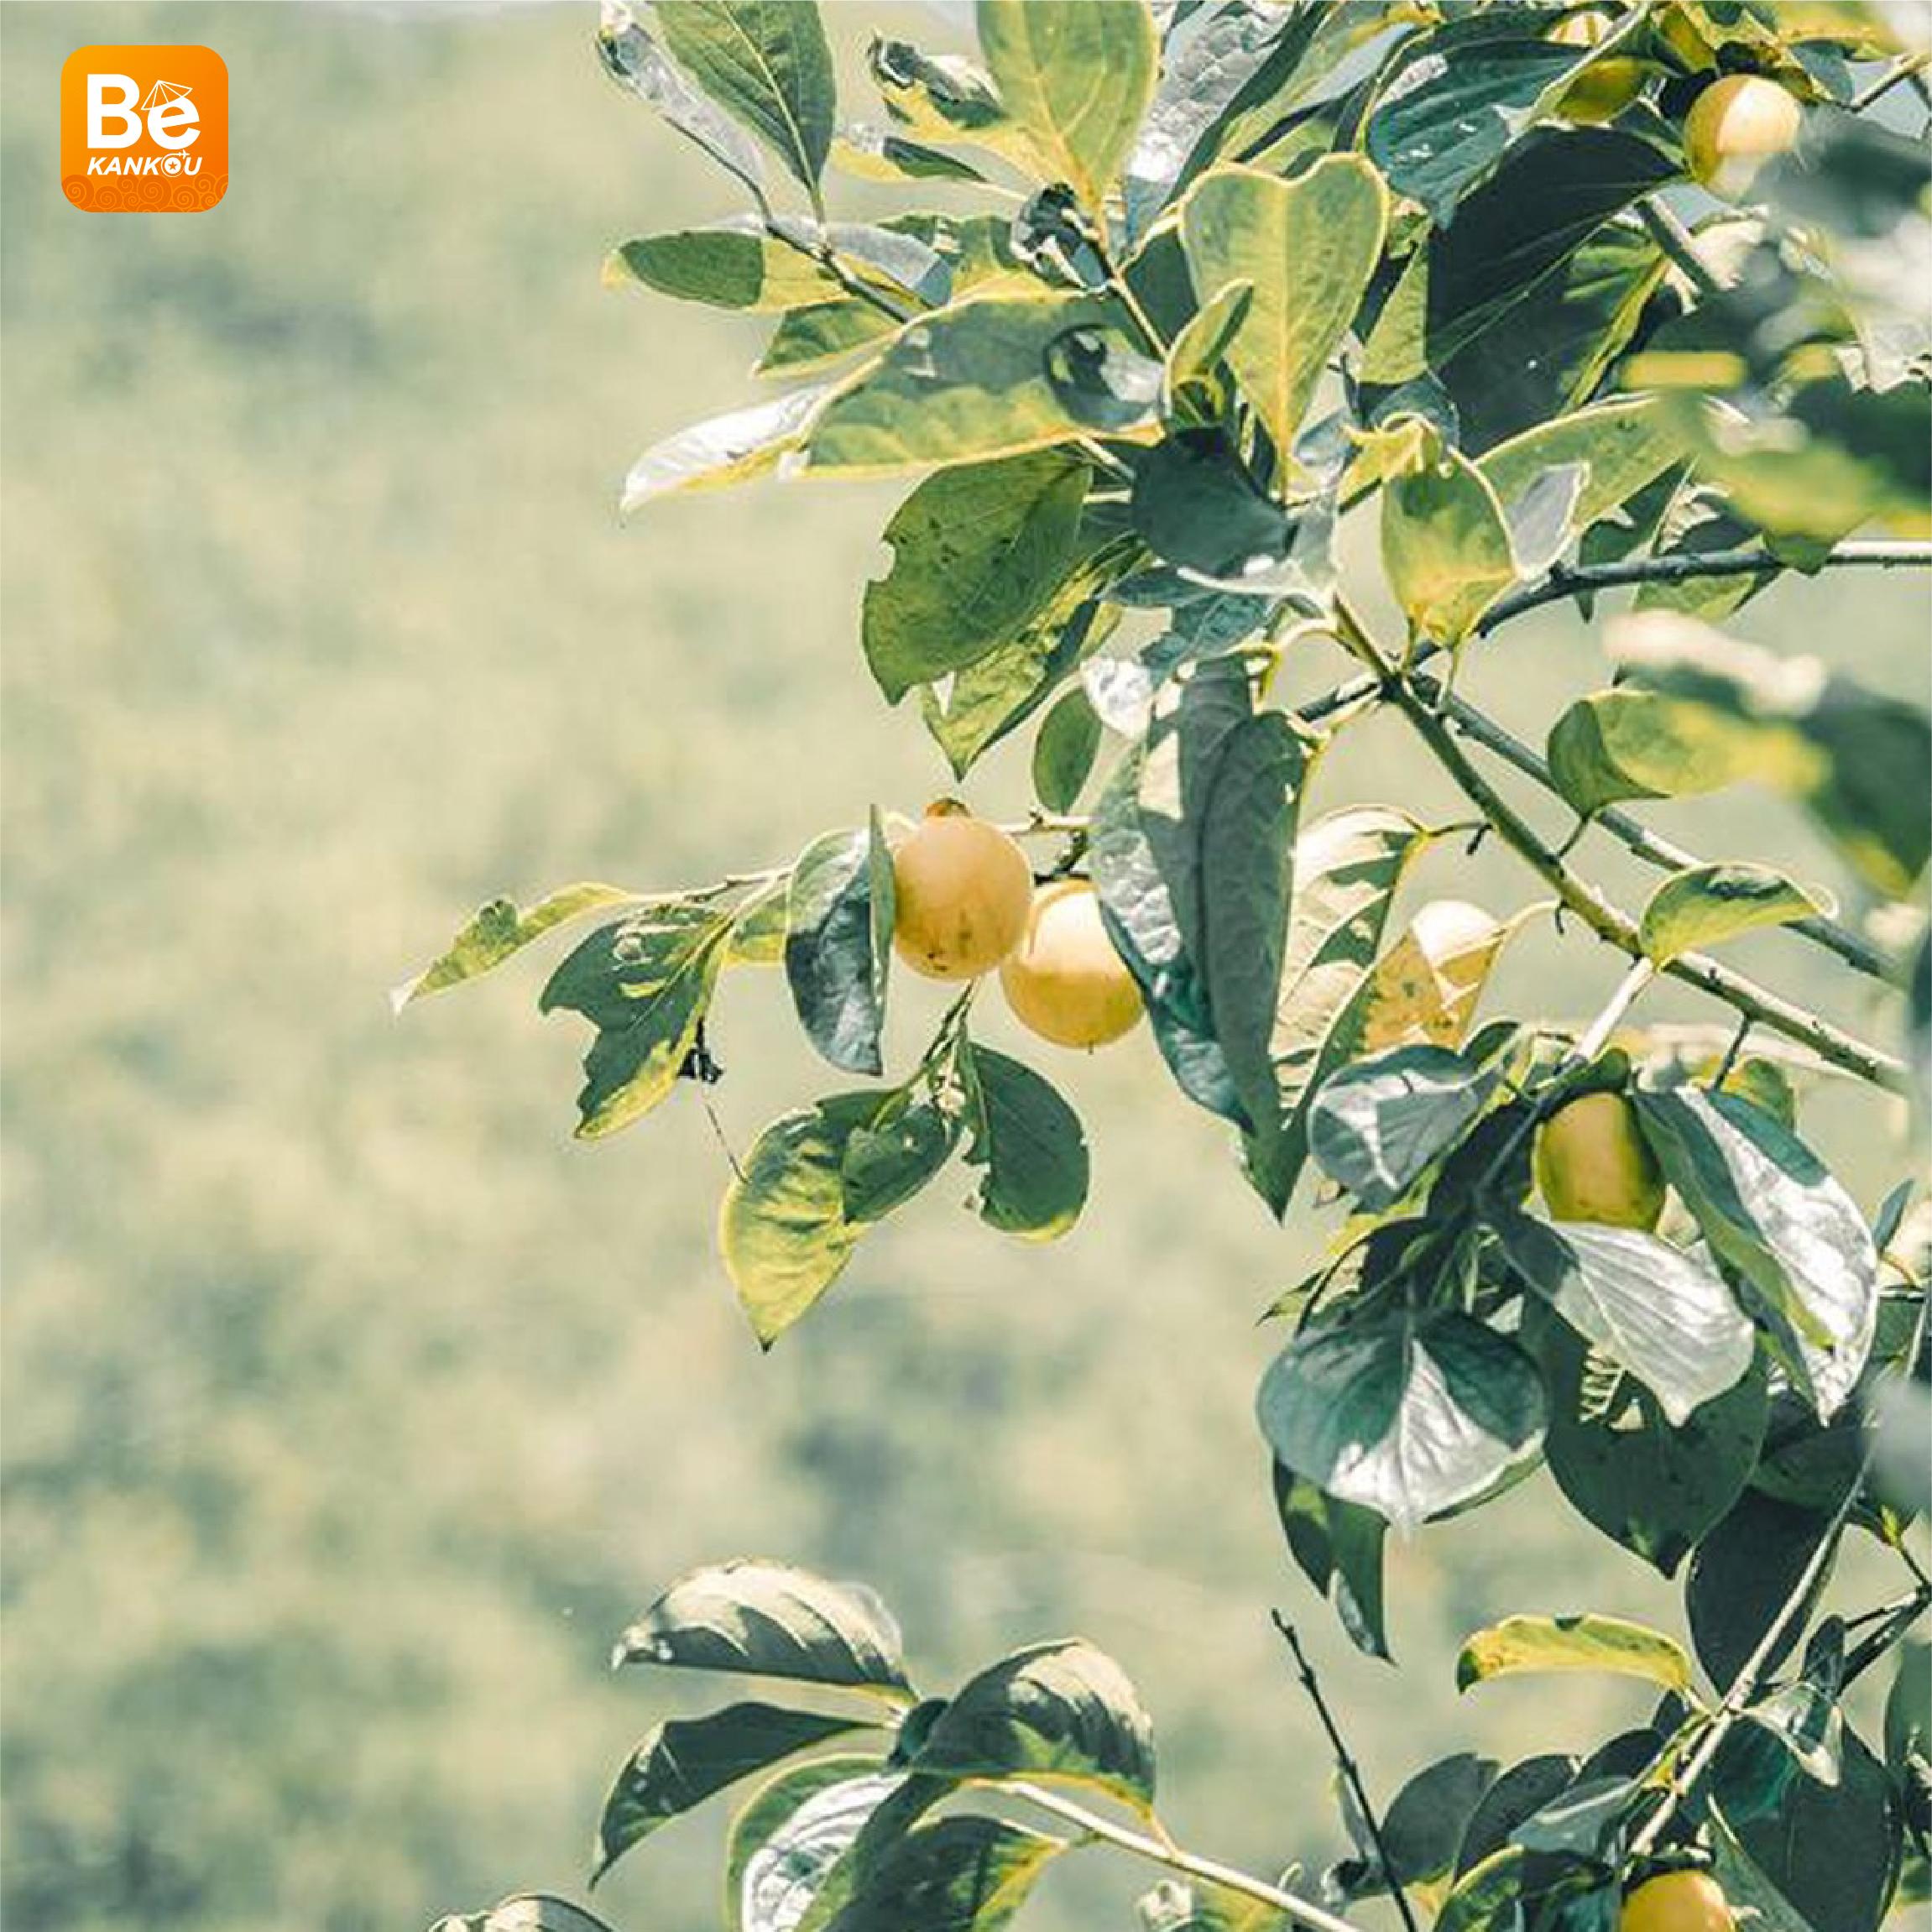 ダラットの「妖精の楽園のような柿畑」